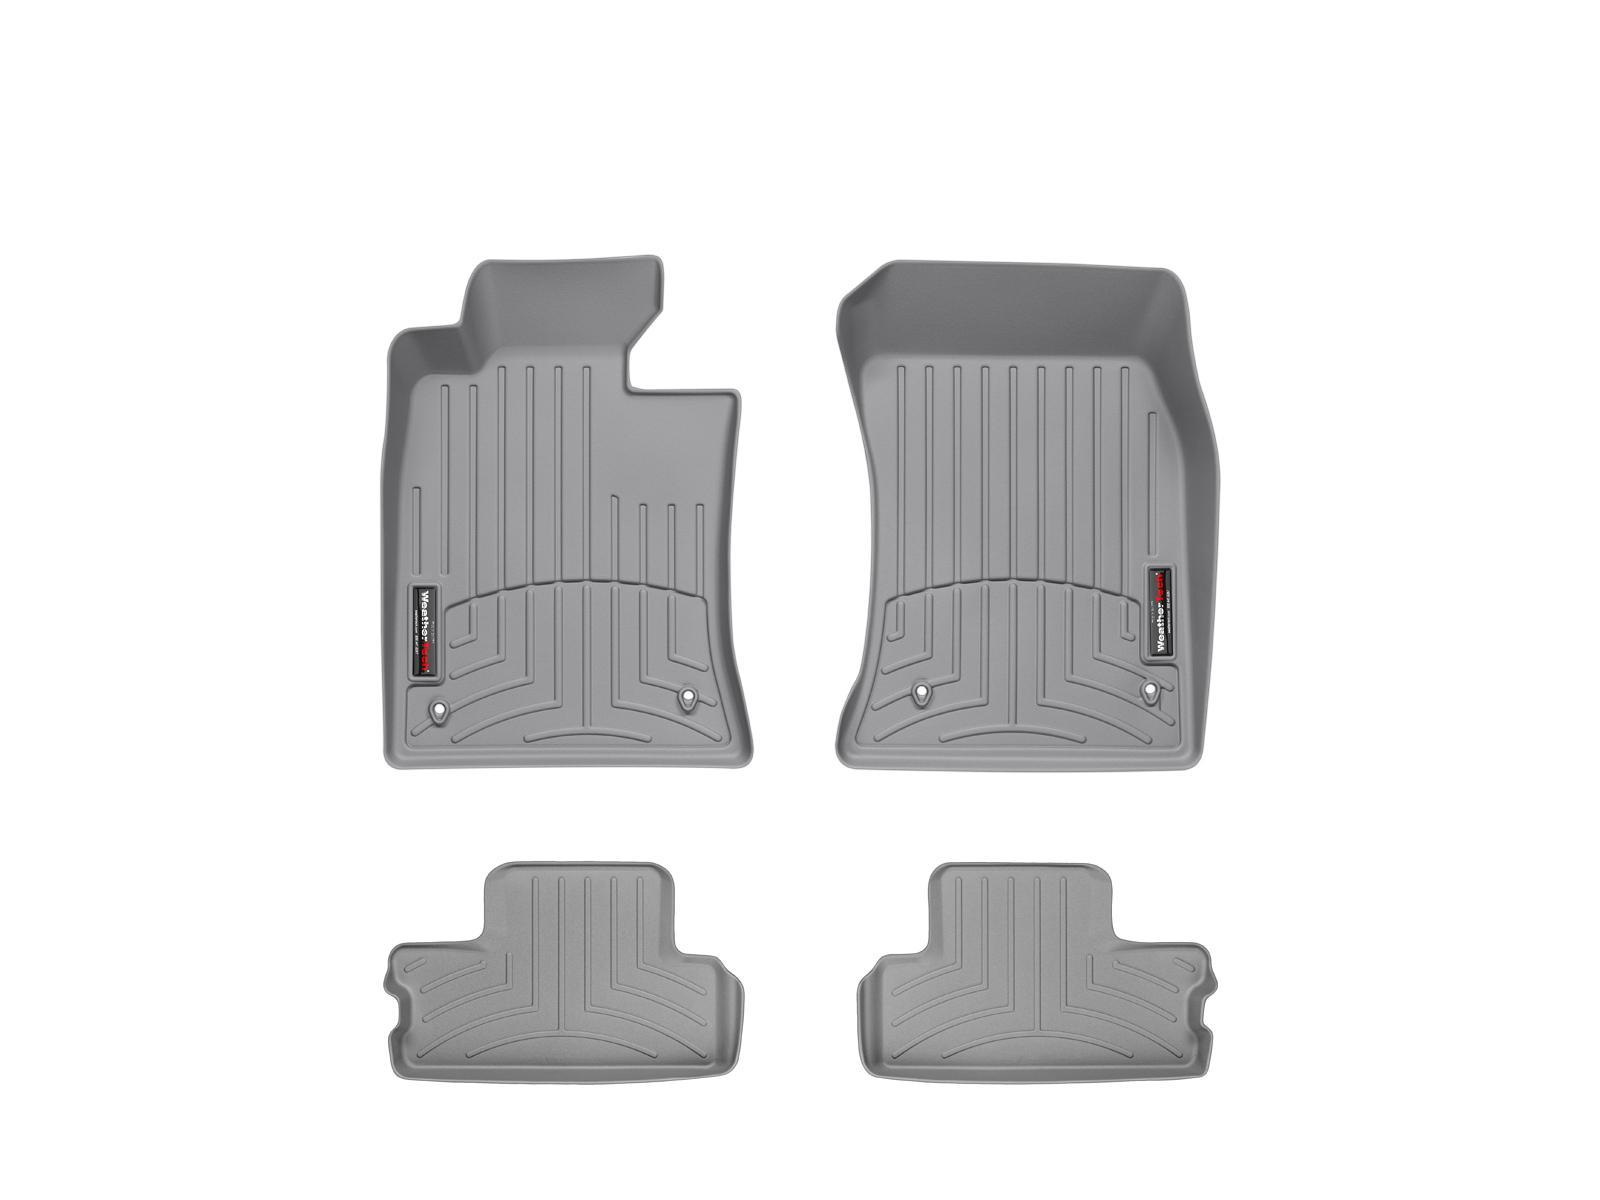 Tappeti gomma su misura bordo alto MINI Cooper / Cooper S 09>13 Grigio A2684*